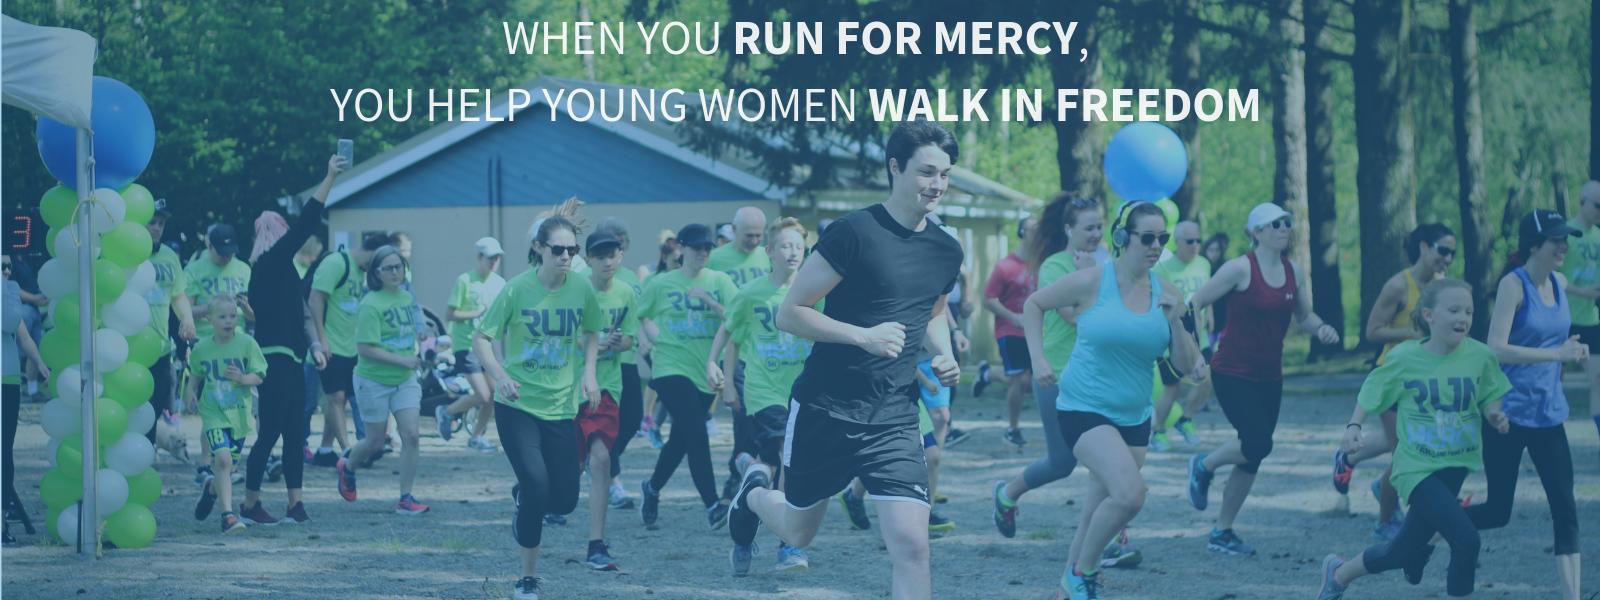 Run for Mercy 5K & Family Walk